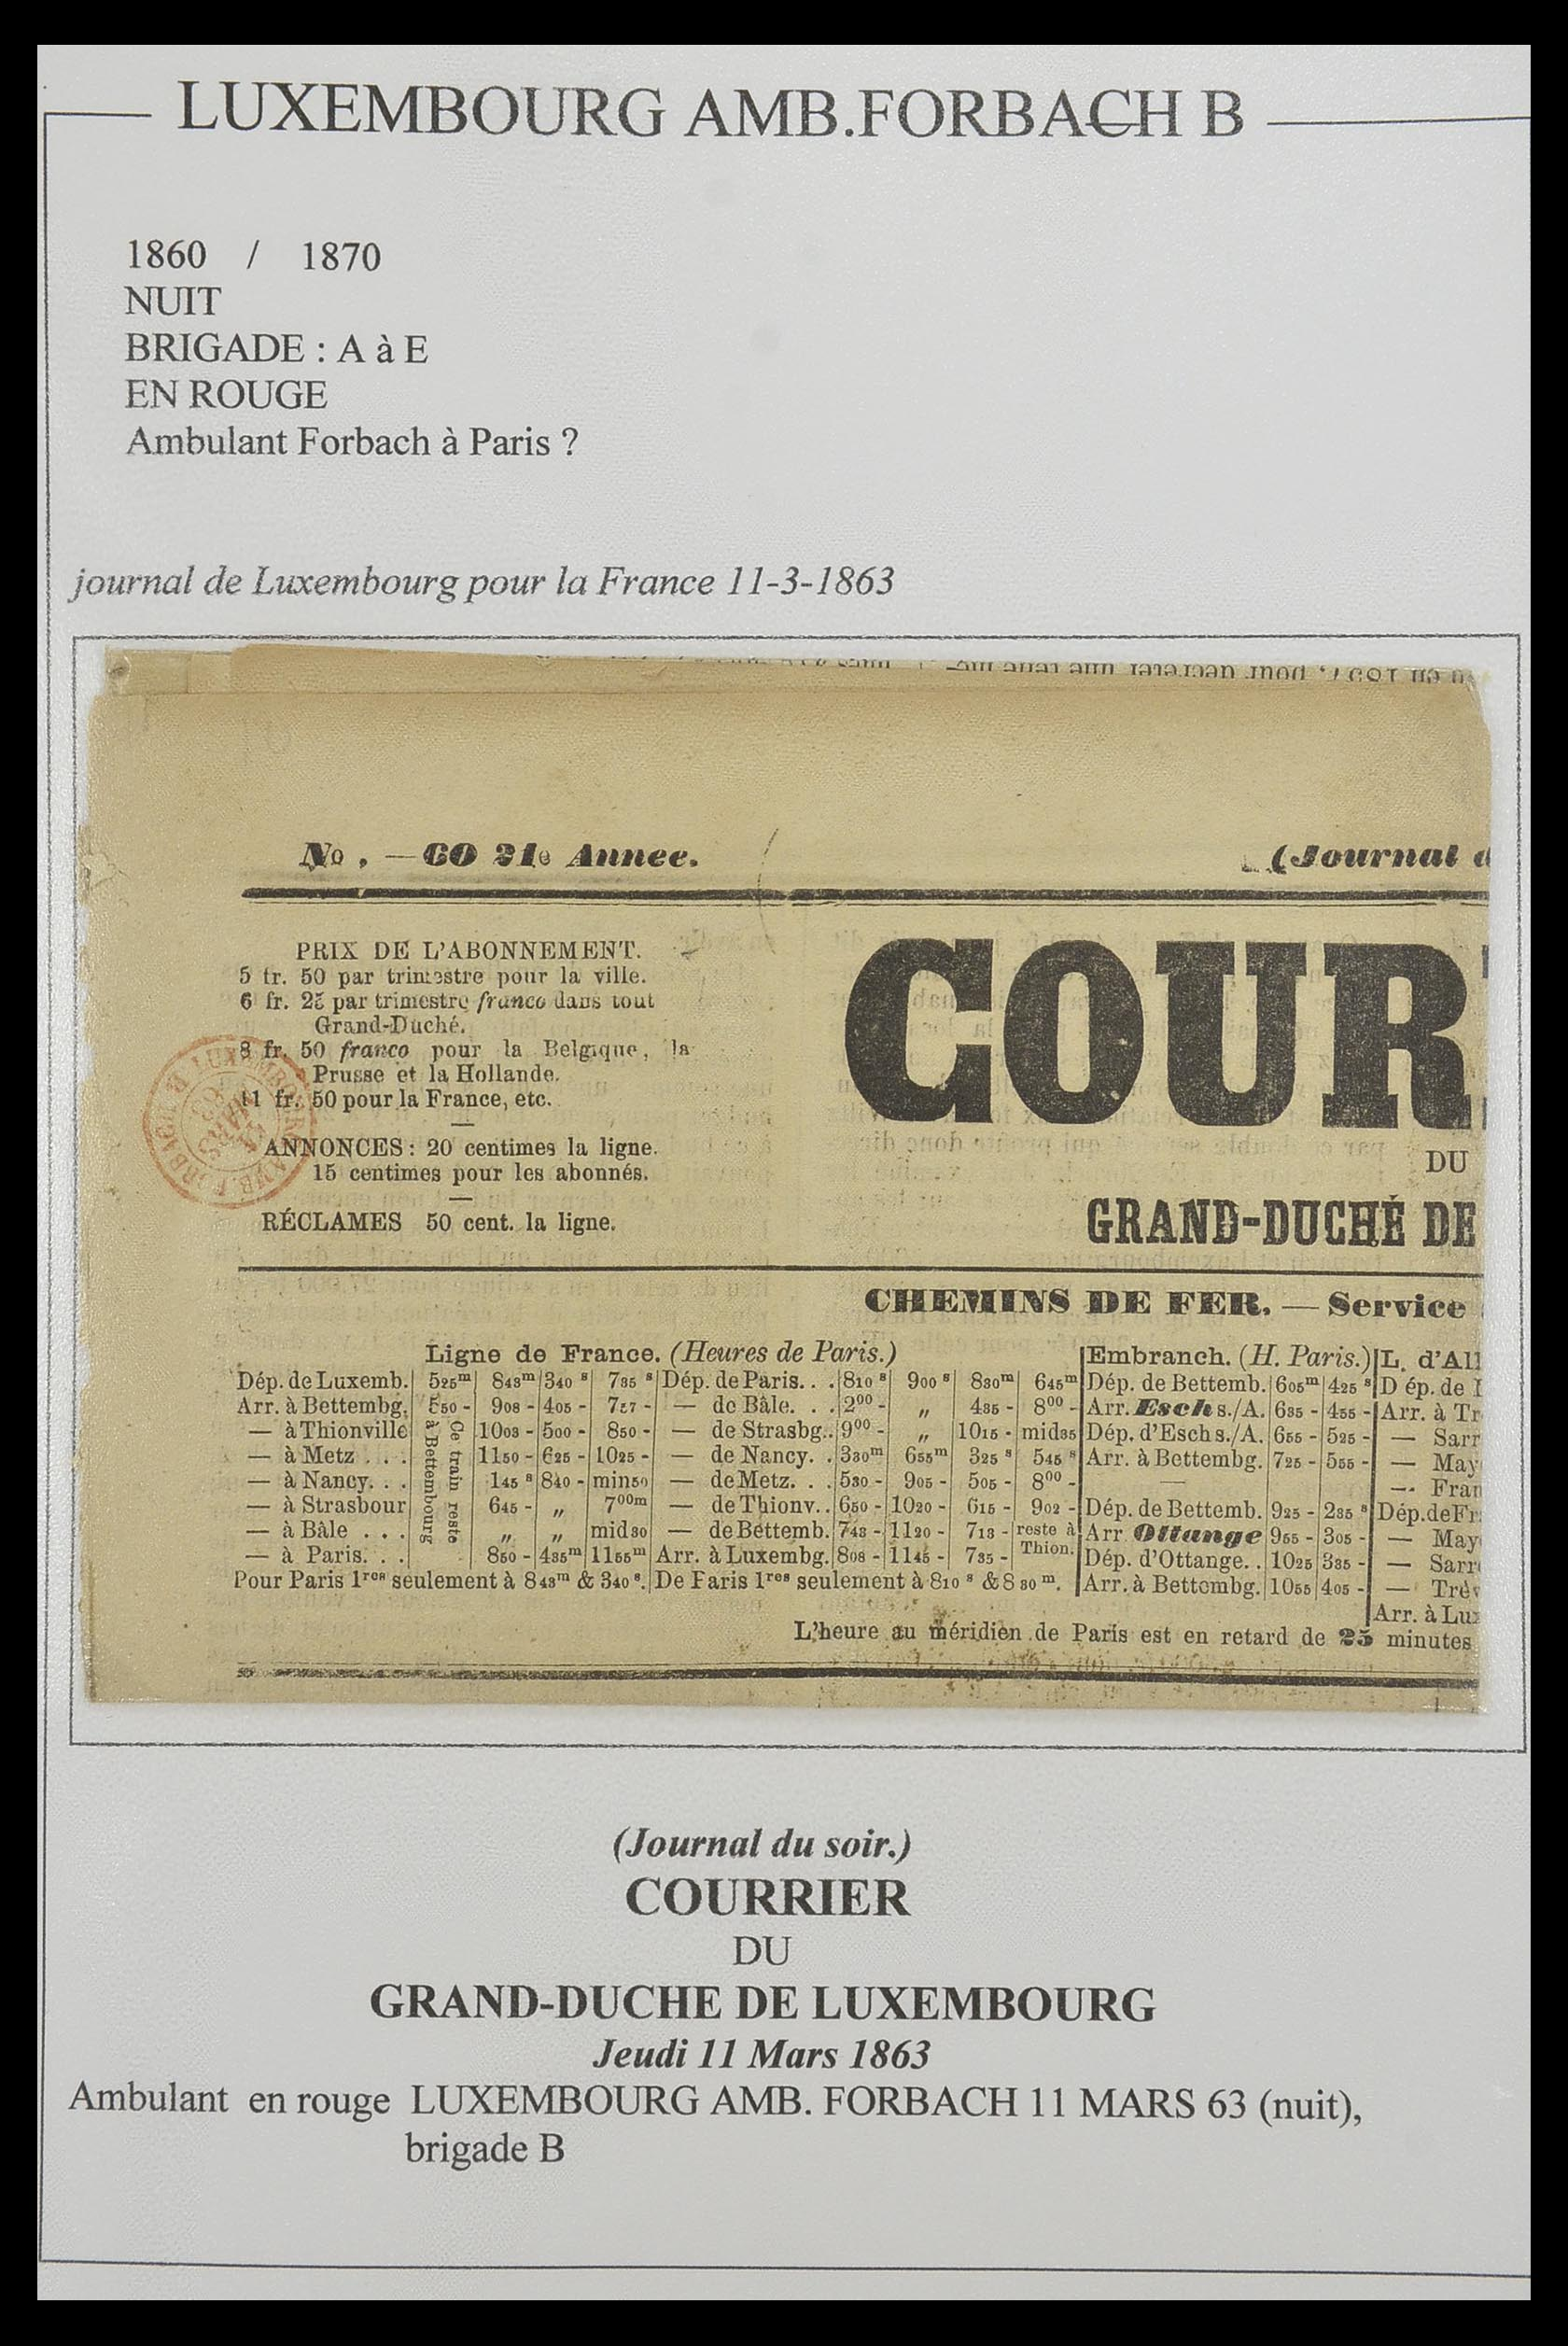 33624 004 - Postzegelverzameling 33624 Frankrijk brieven 1854-1907.